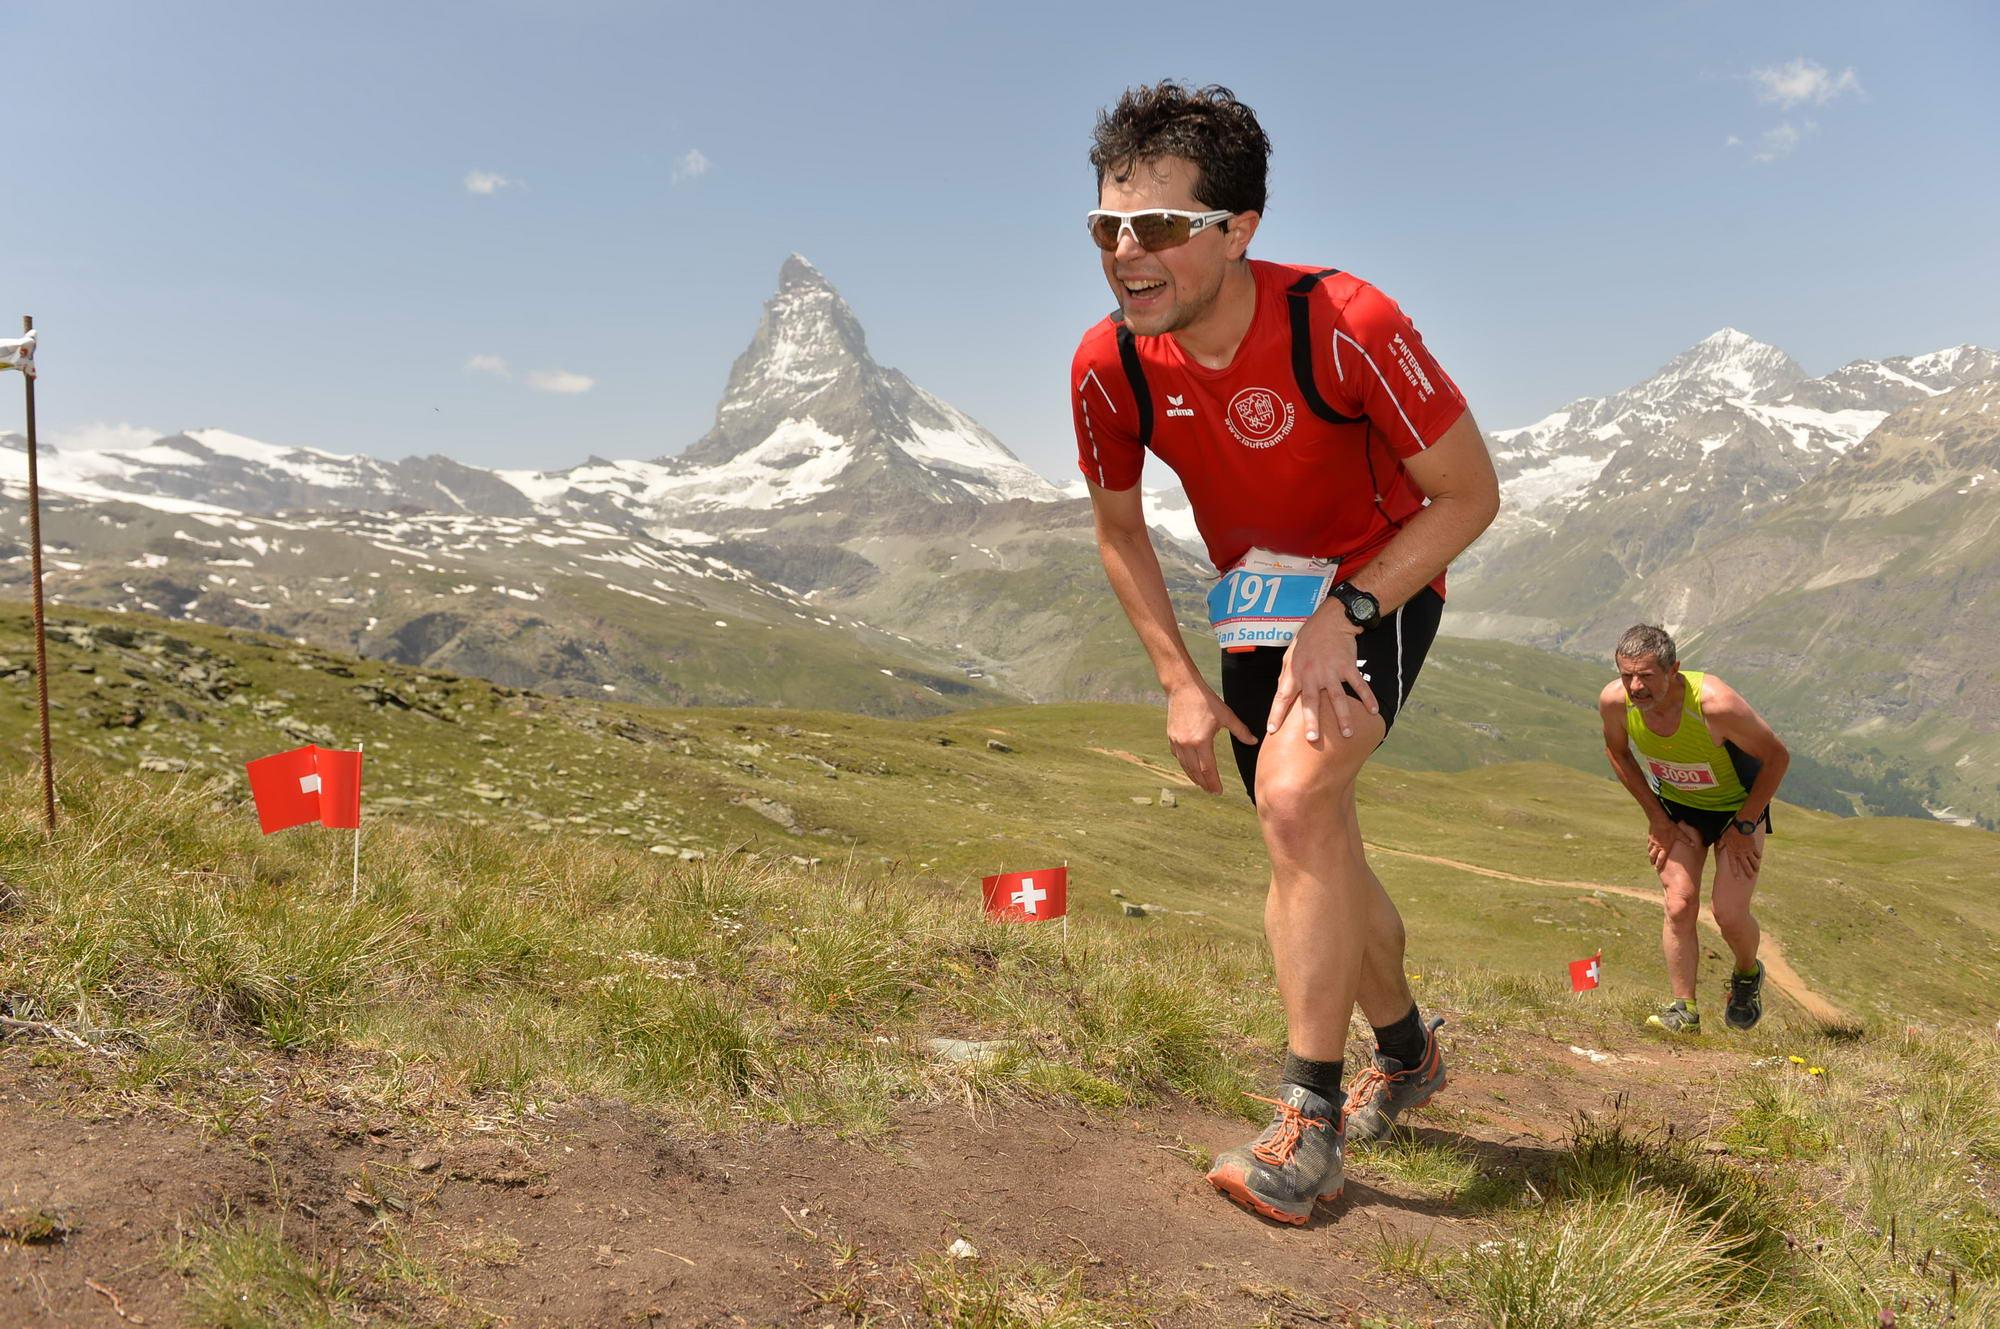 Action from the Gornergrat Zermatt Marathon, with which the European event is being held in conjunction this year (credit: Gornergrat Zermatt Marathon)